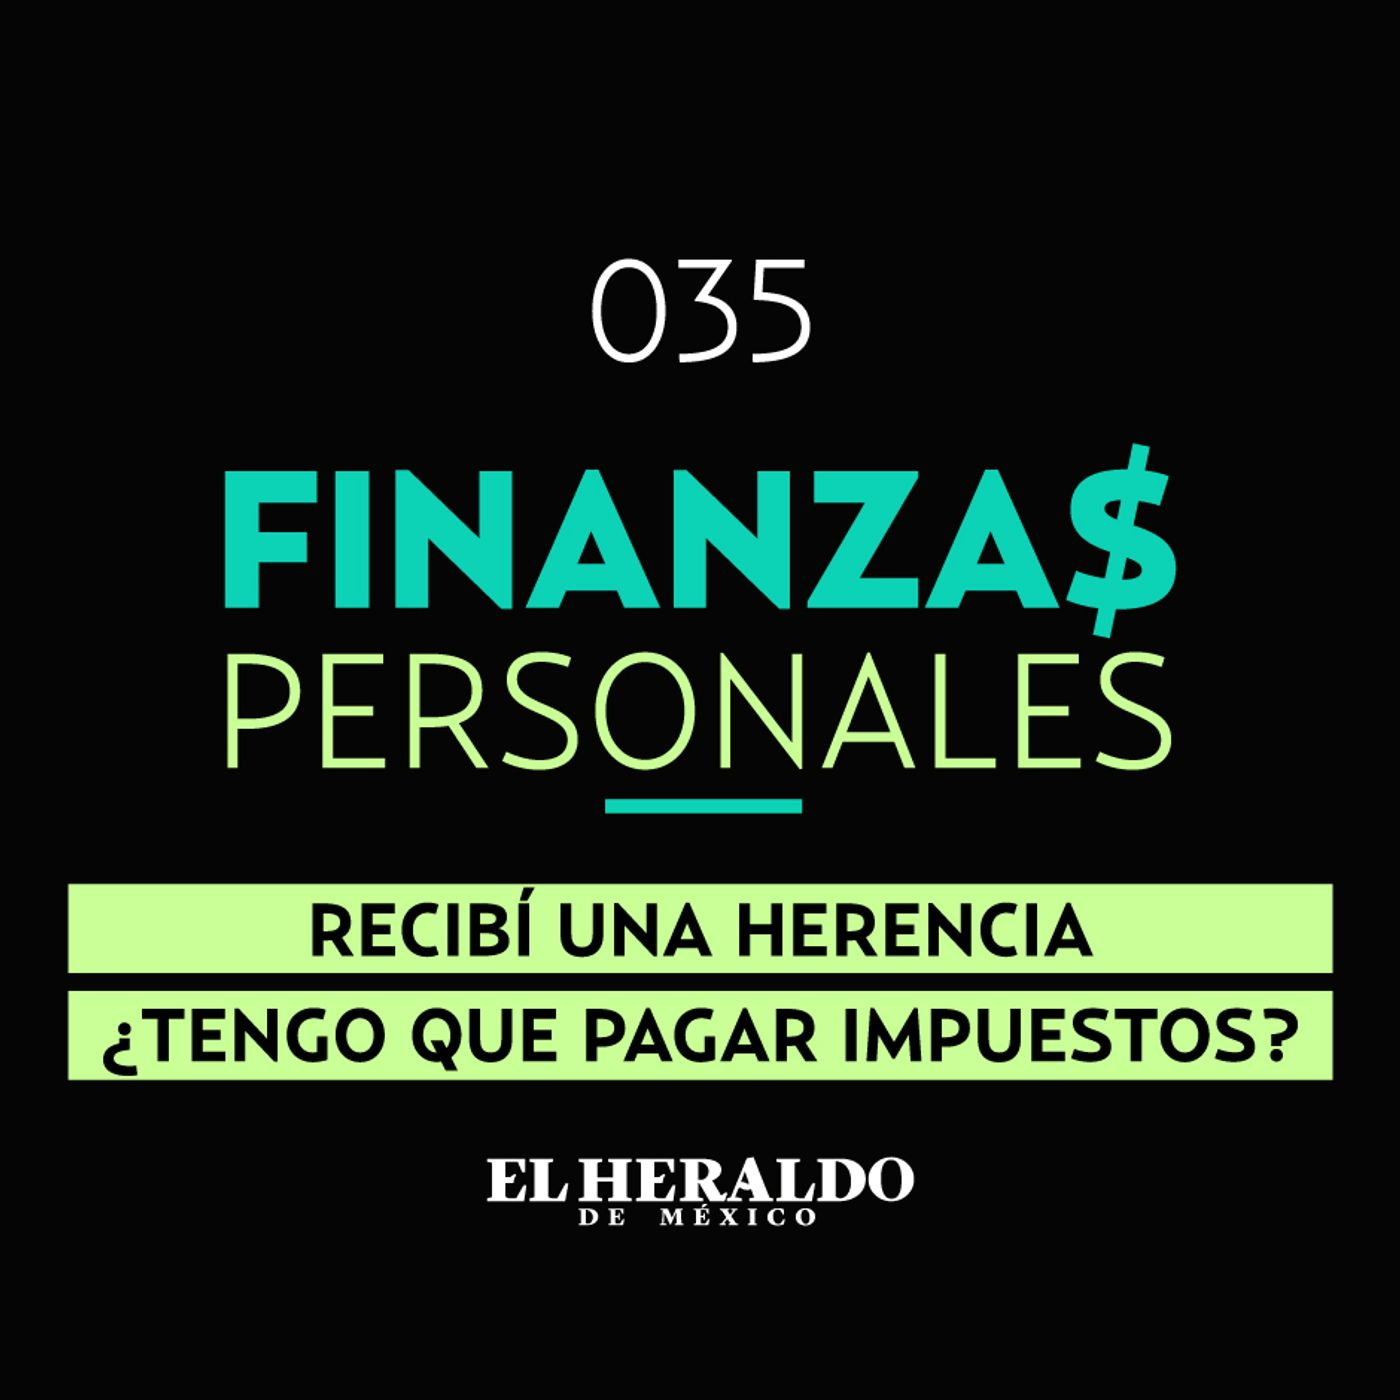 Herencias | Finanzas personales: ¿Qué son los impuestos de sucesiones?